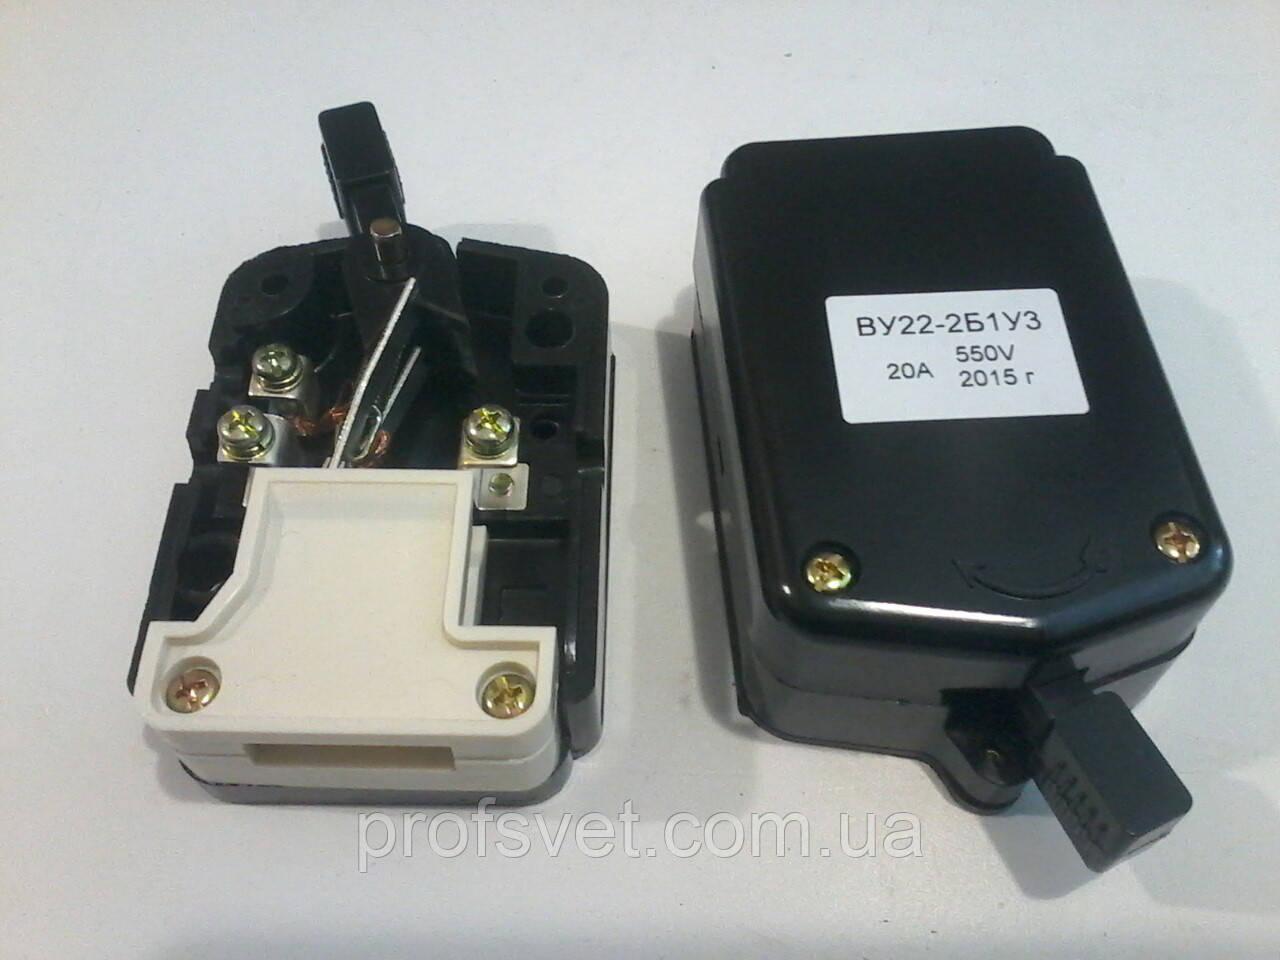 Выключатель управления ВУ 22-2-Б1 У3